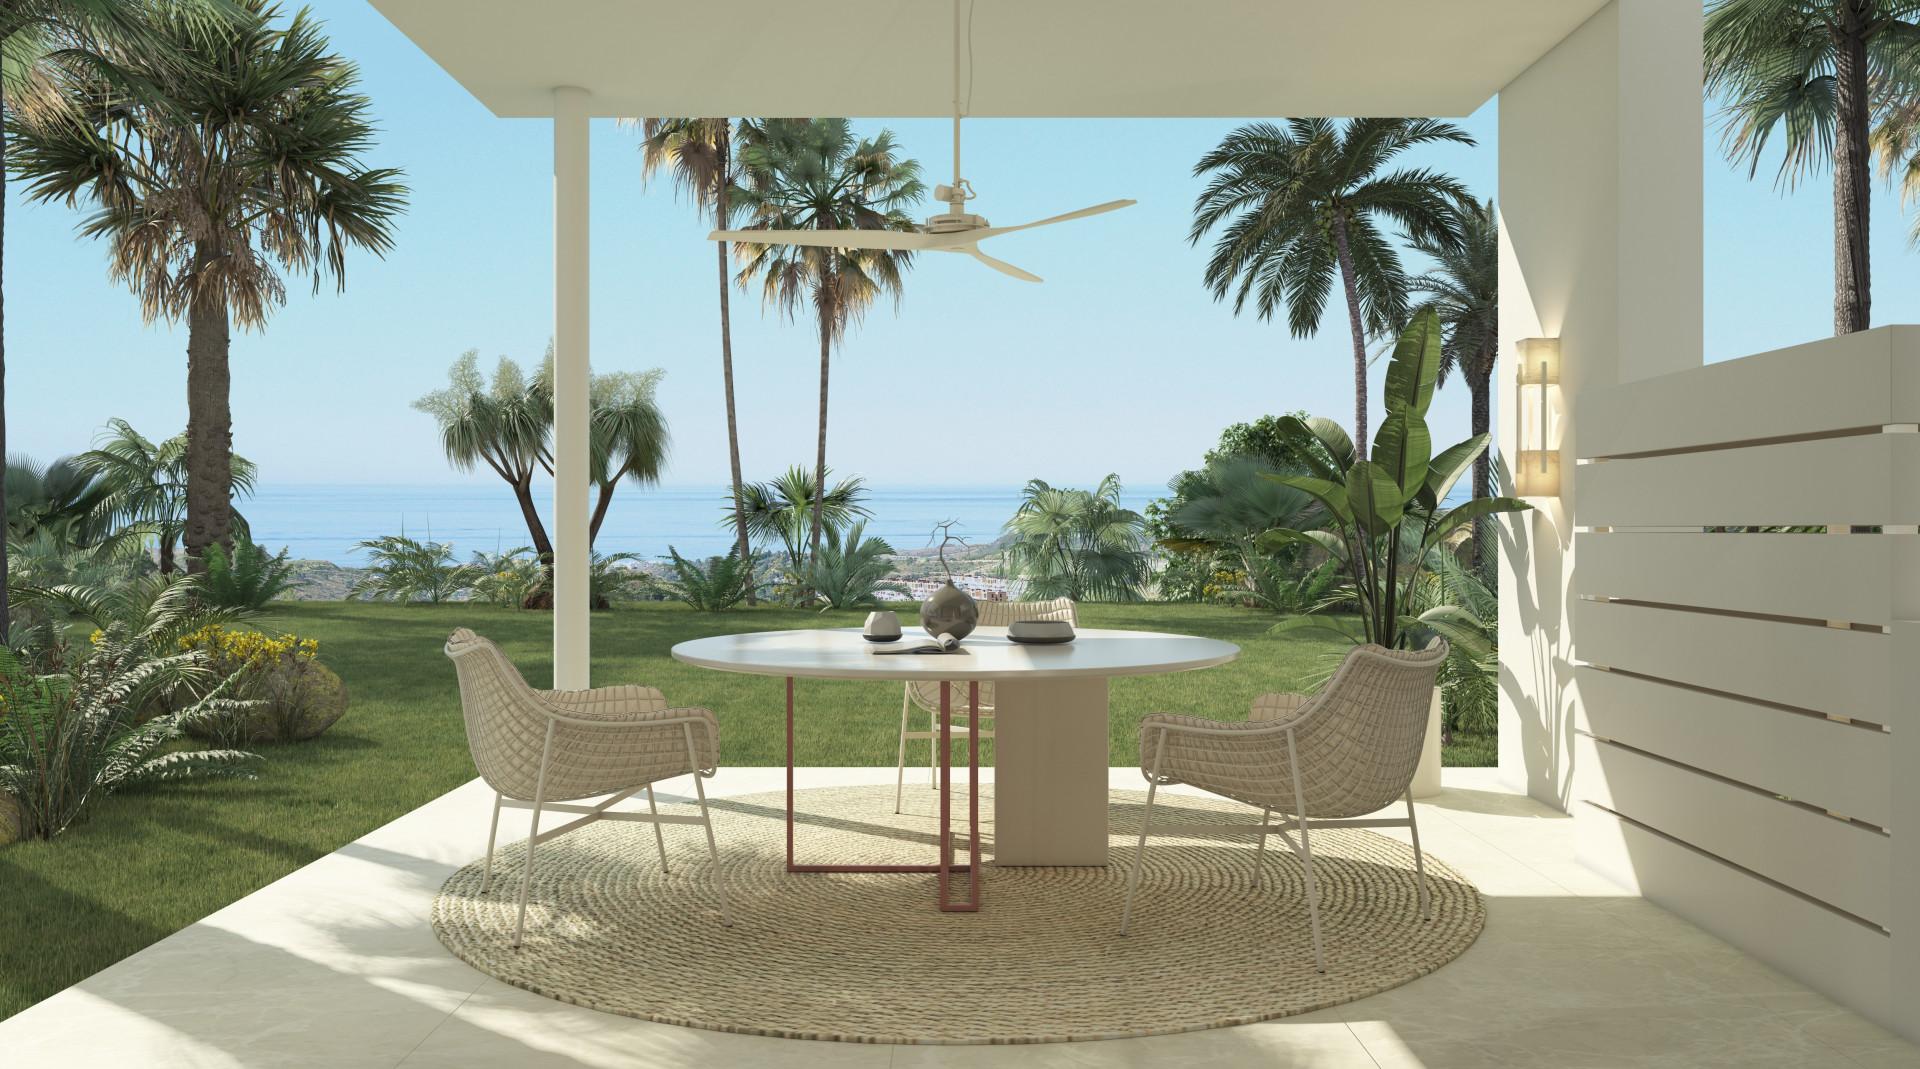 ARFA1219 - Neubau Wohnungen mit unglaublichem Meerblick zu verkaufen bei Benahavis